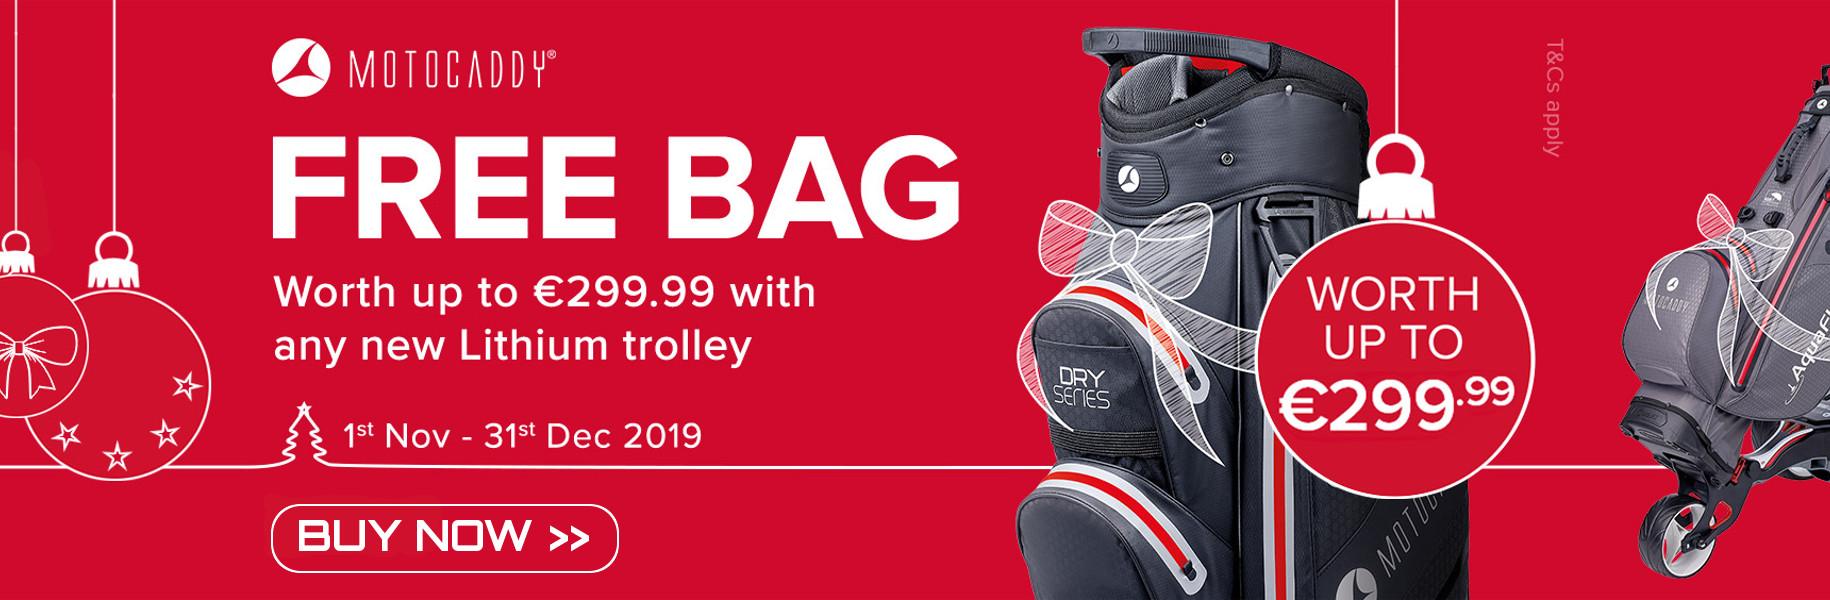 Free Motocaddy Golf Bag for Christmas